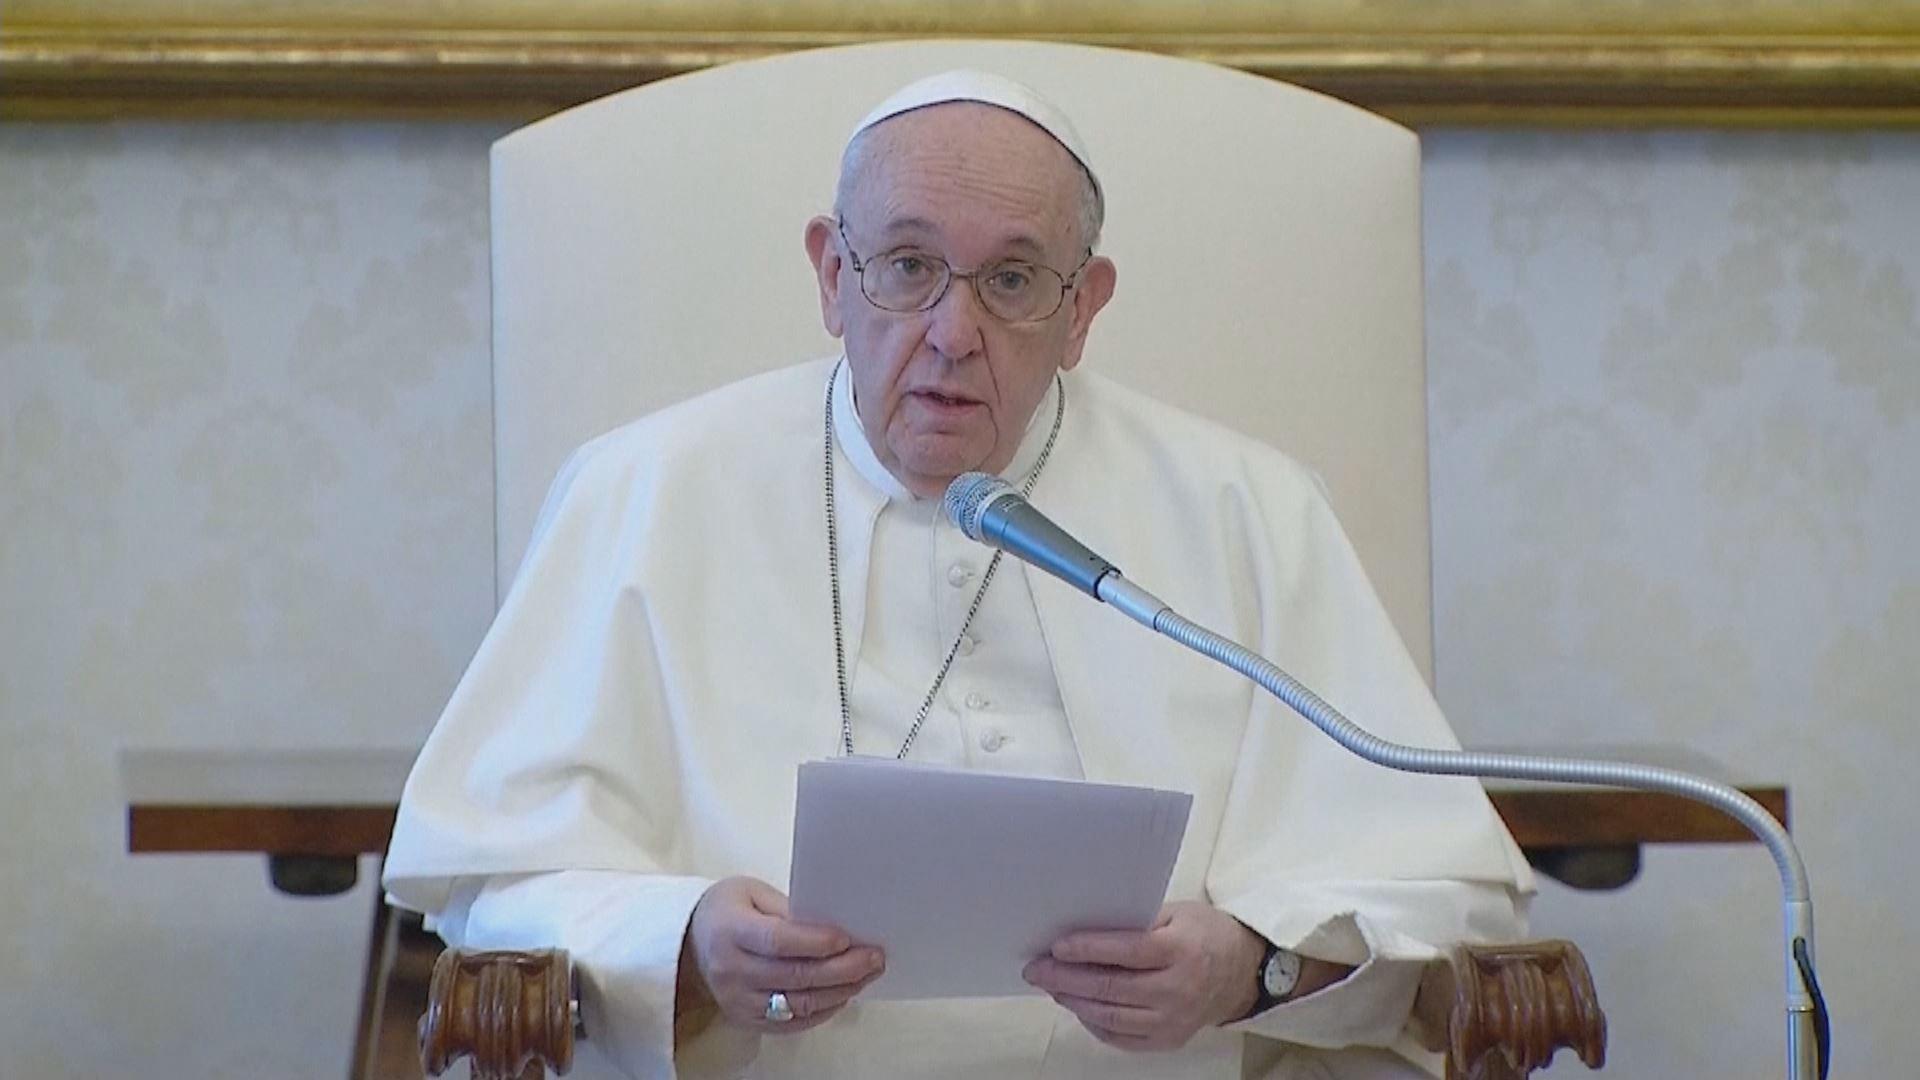 پاپای ڤاتیكان ڕۆژی ههینی دهگاته عێراق